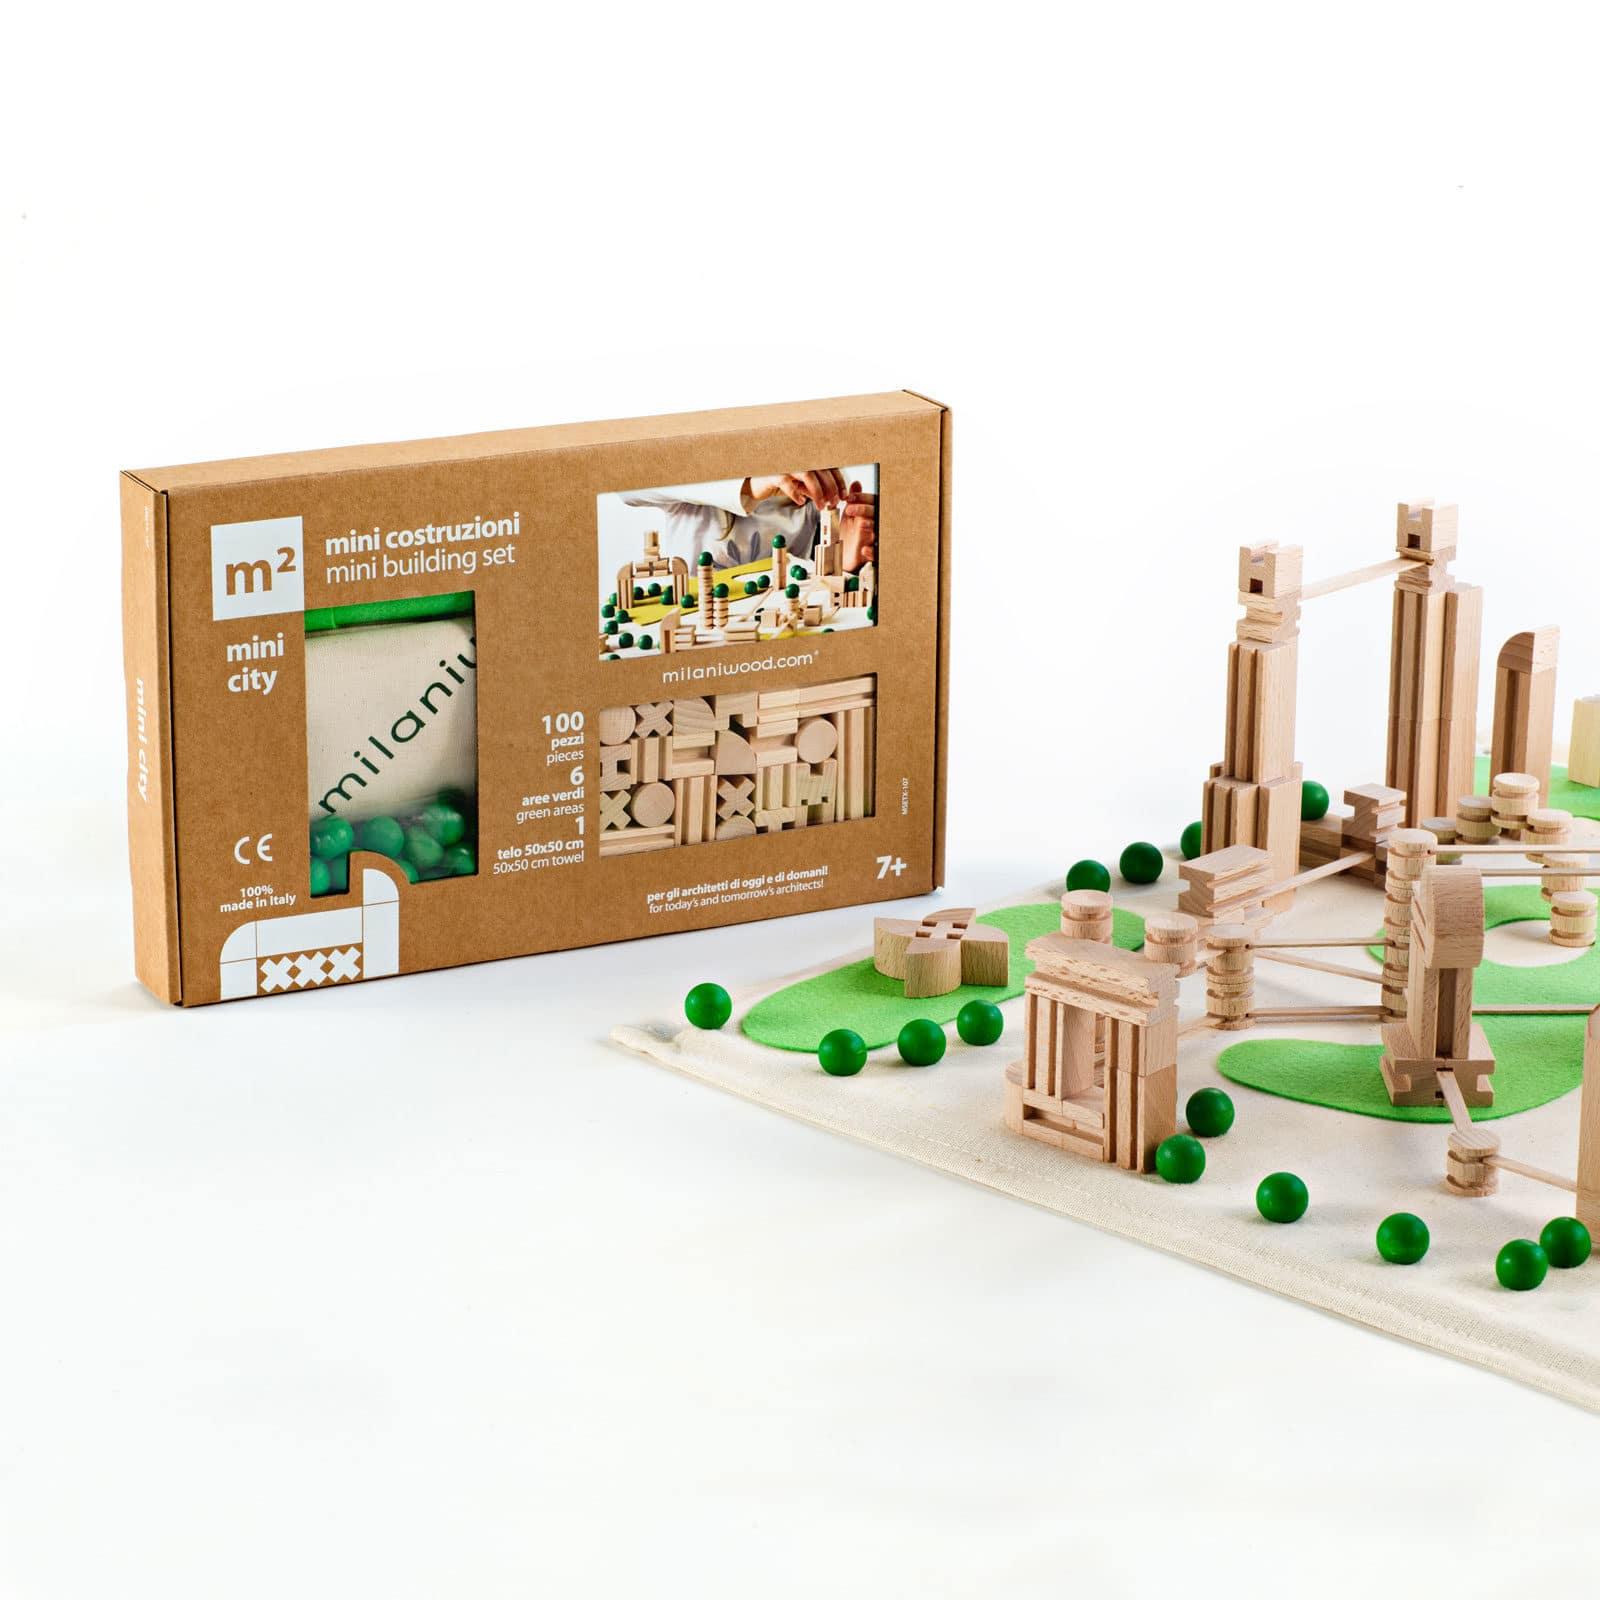 m2citymini gioco costruzioni in legno 01